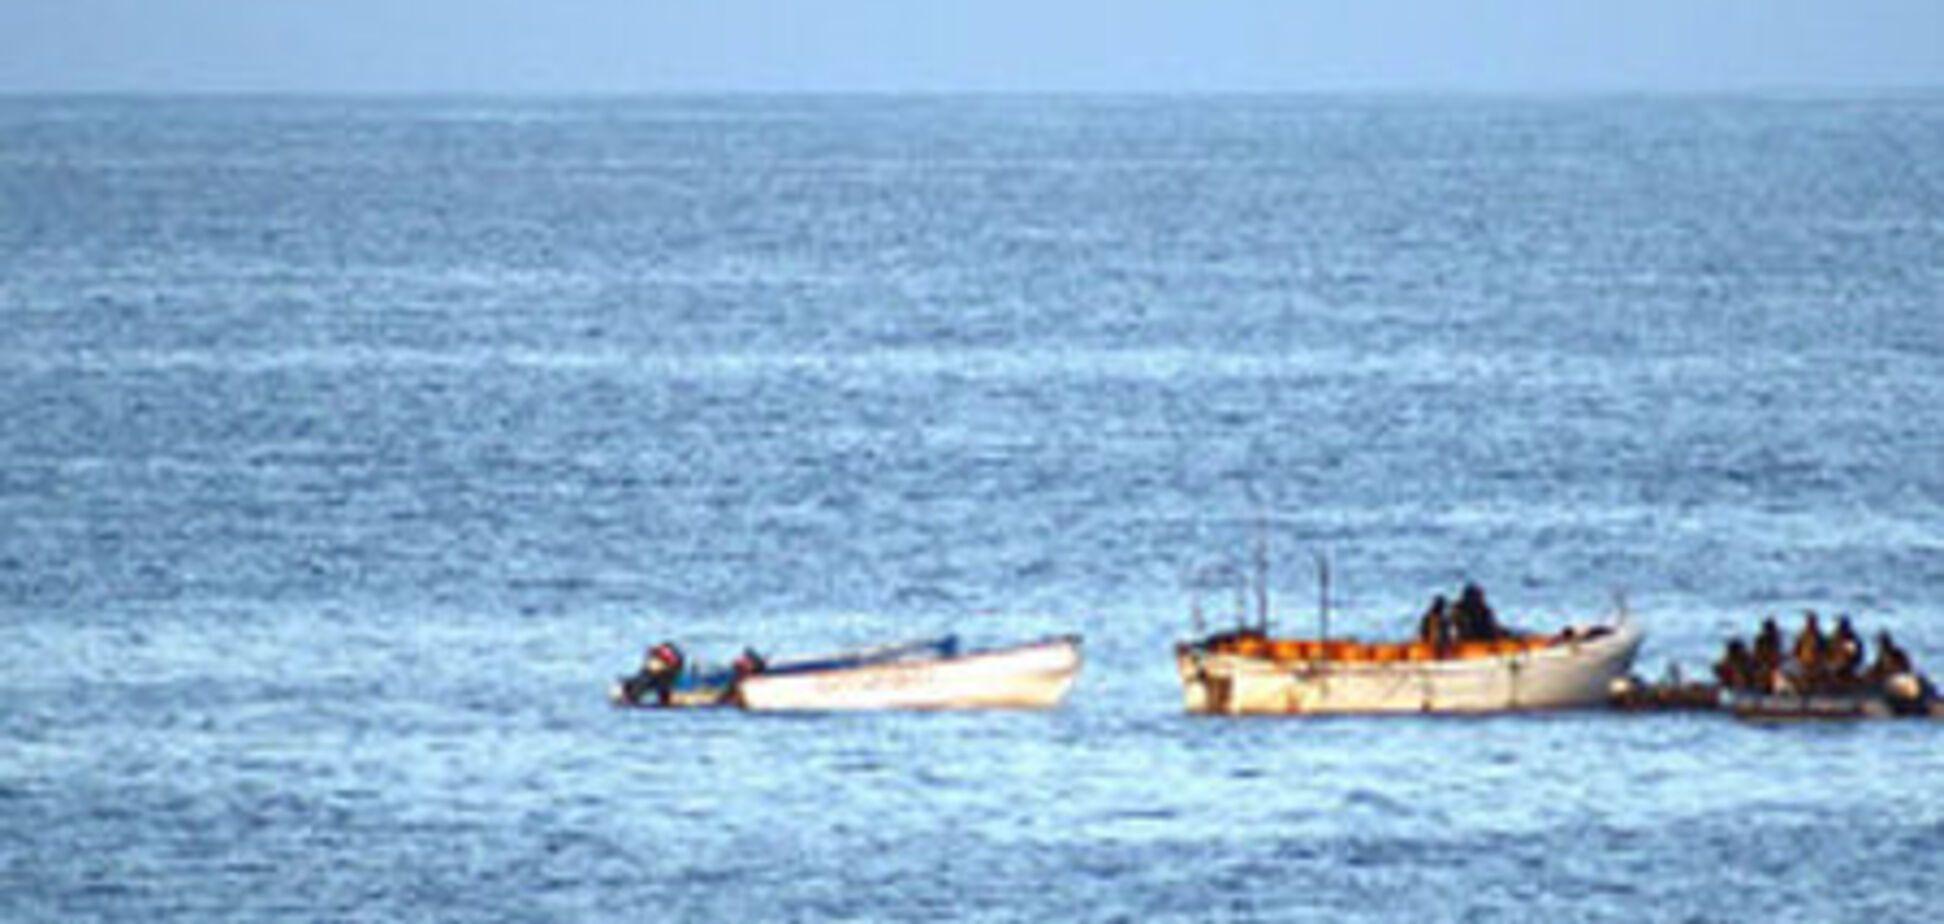 Сомалийские пираты захватили сухогруз с украинцами